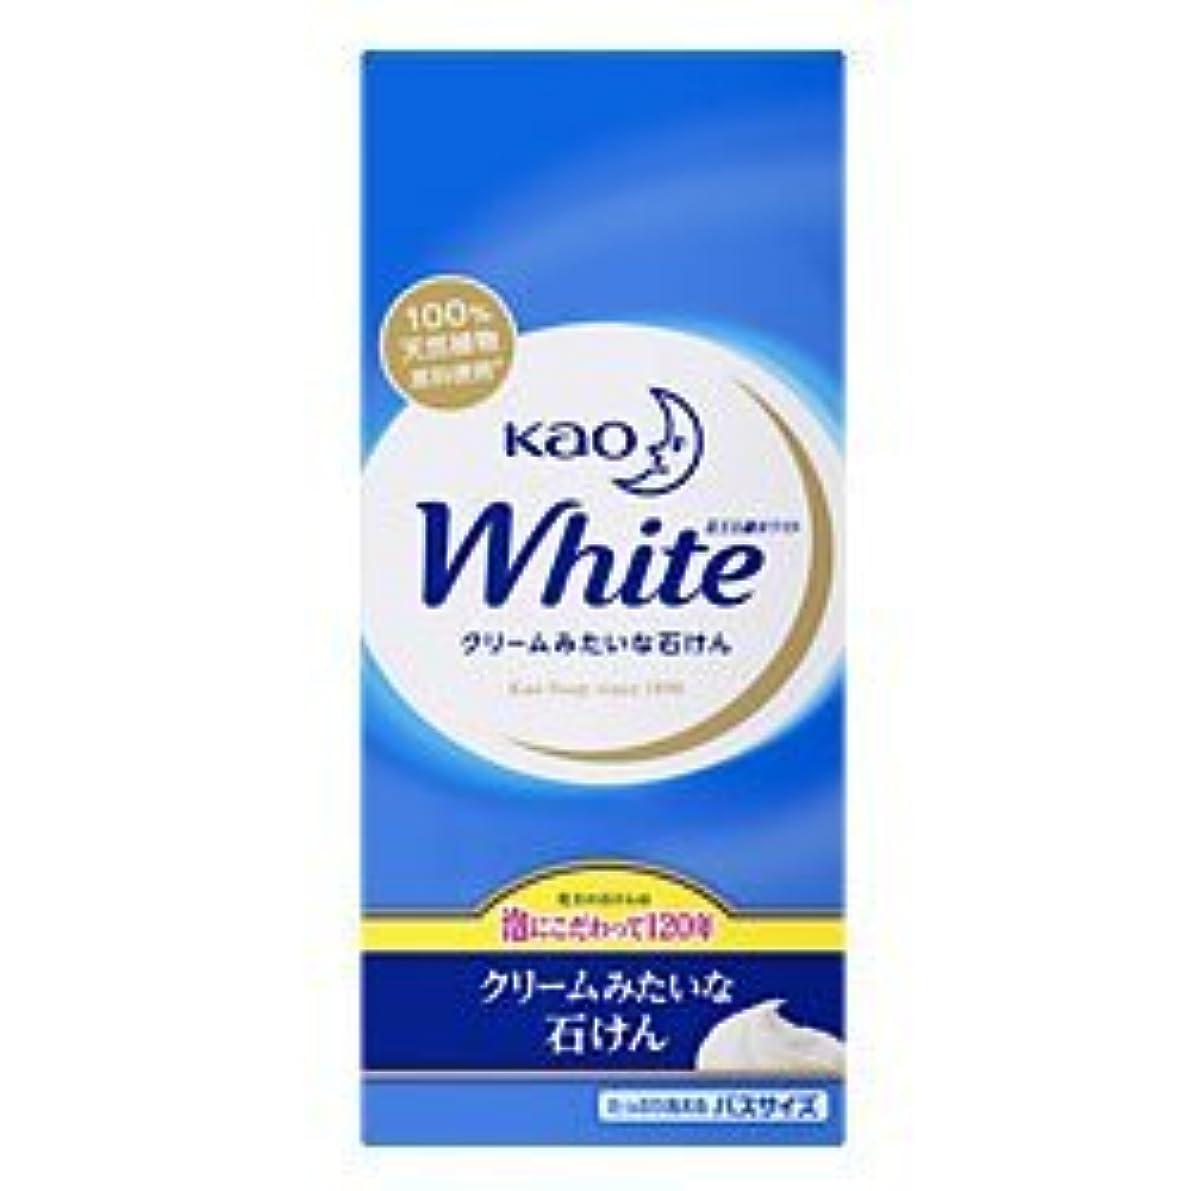 ラバ棚独特の【花王】花王ホワイト バスサイズ 130g×6個 ×5個セット